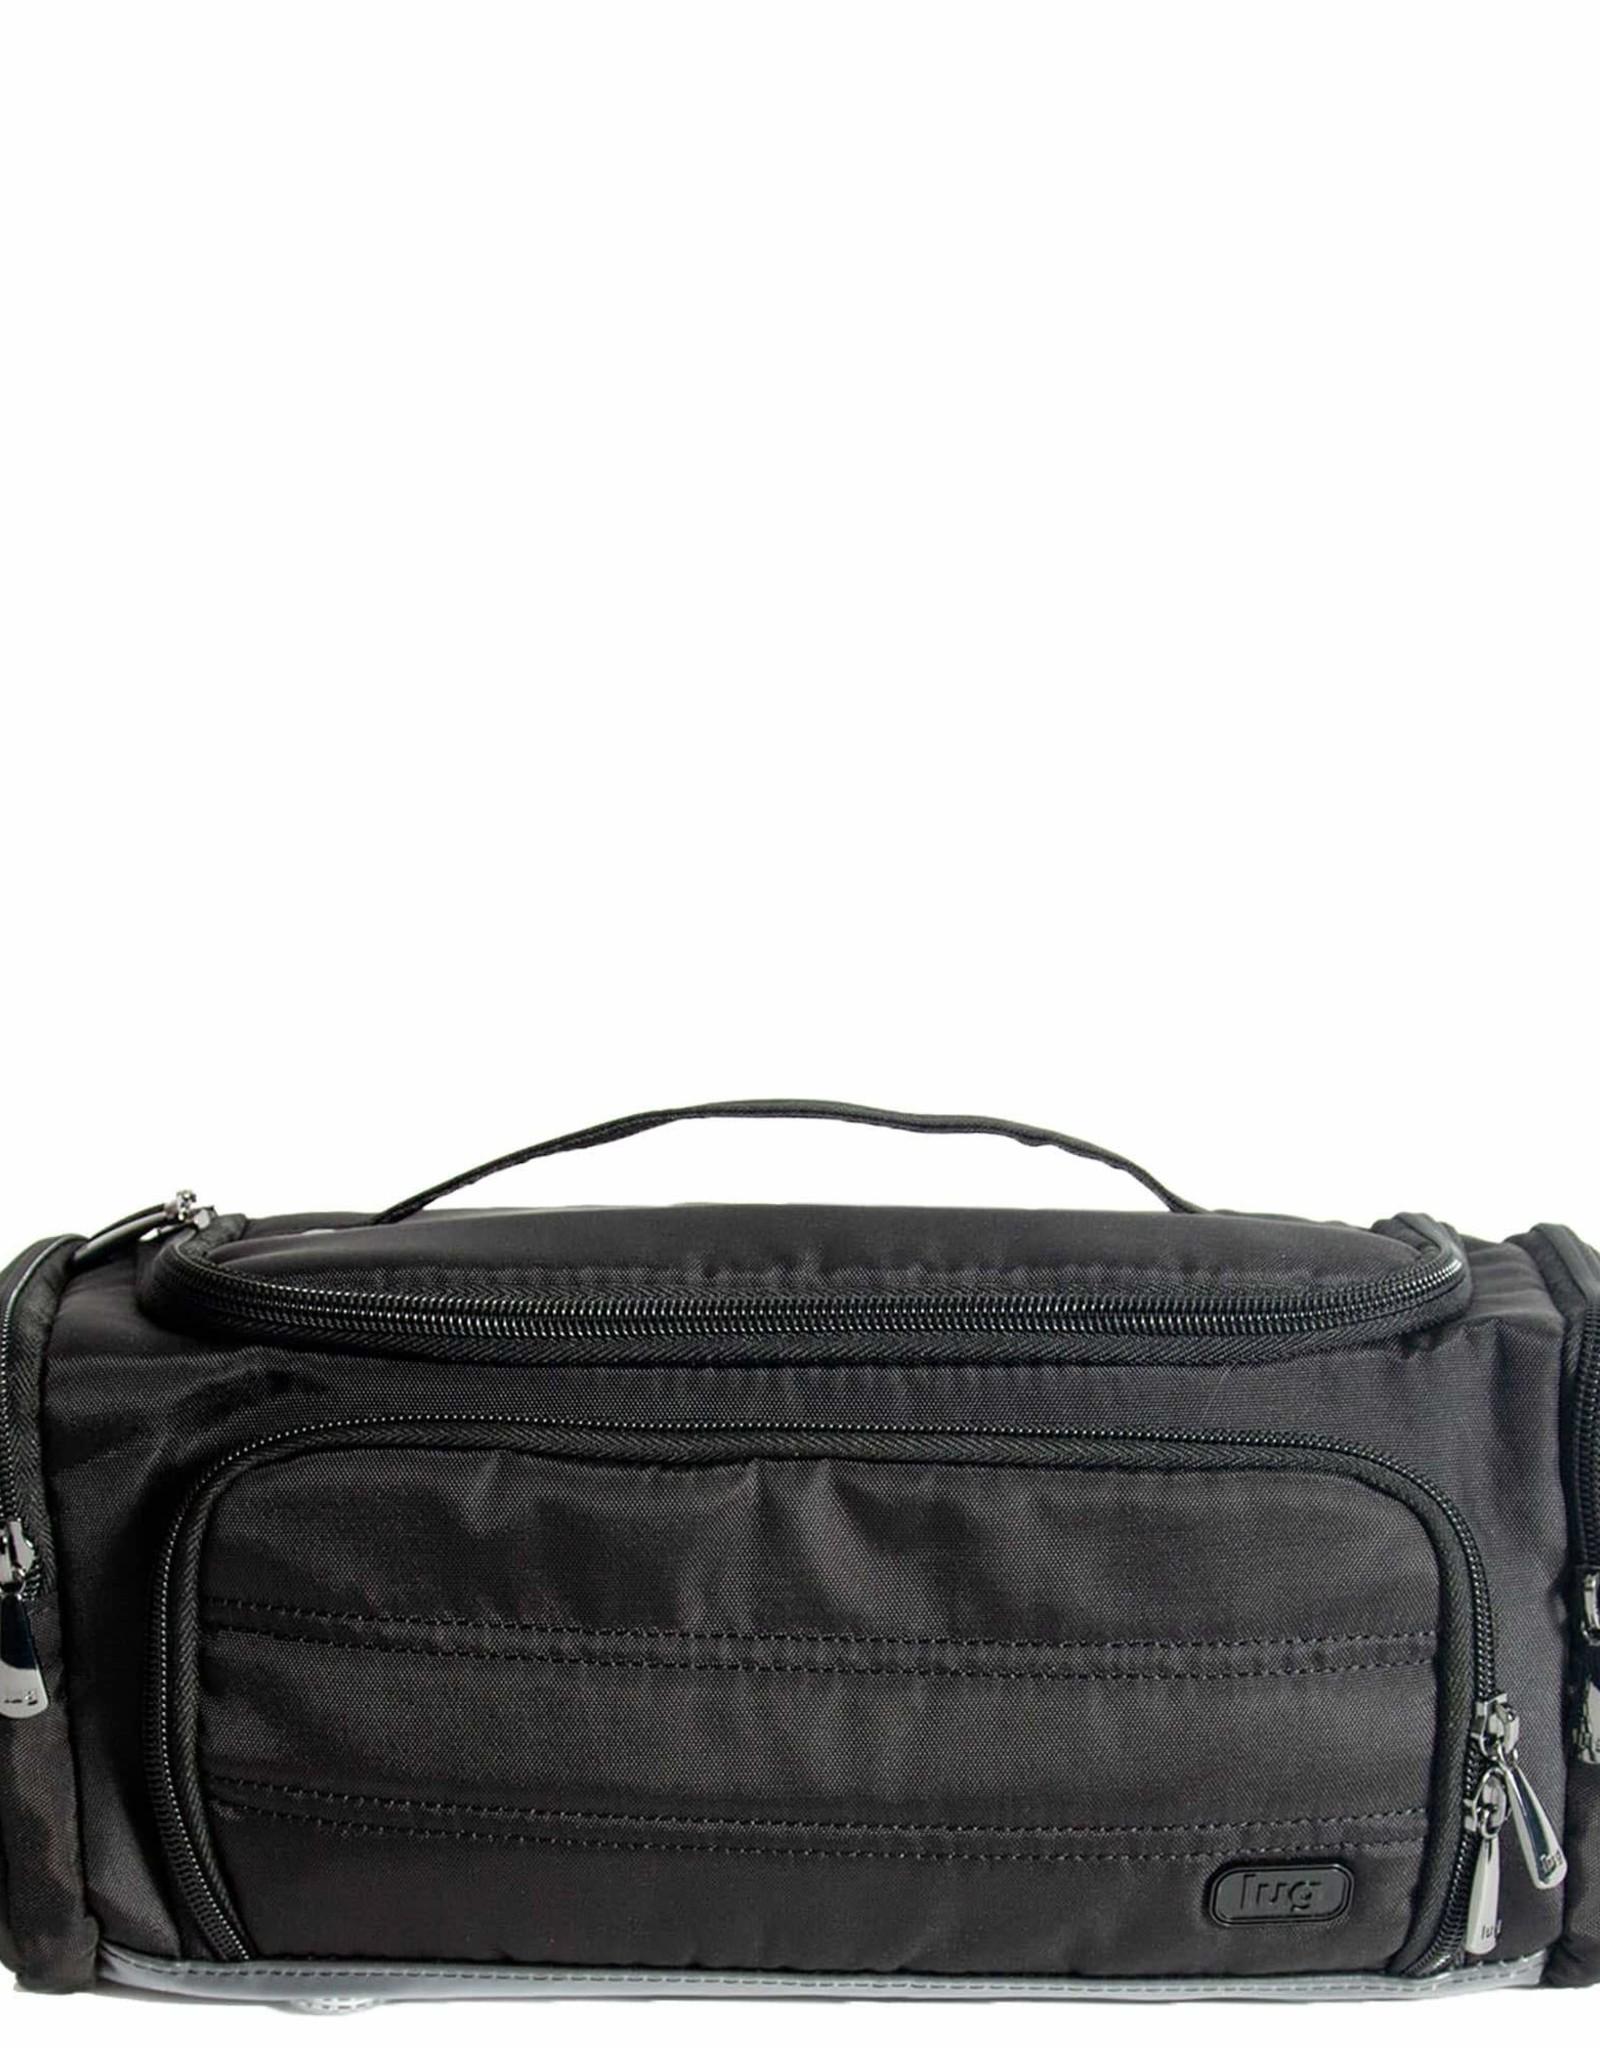 Lug Trolley Cosmetic Case Black